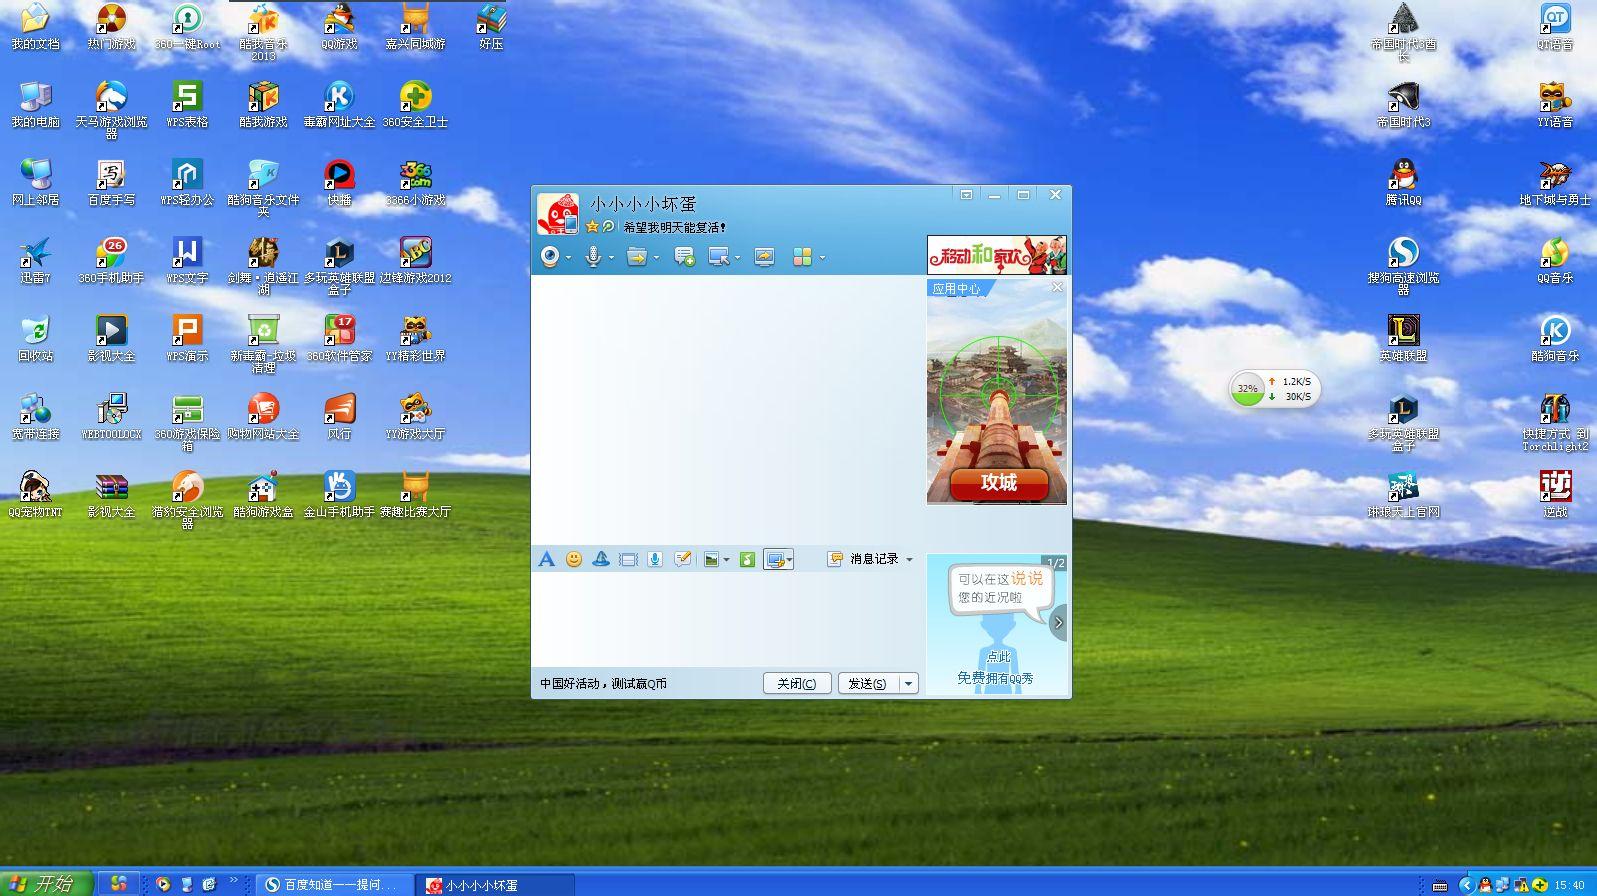 牛图库精选电脑桌面高清壁纸图片 下载 图片